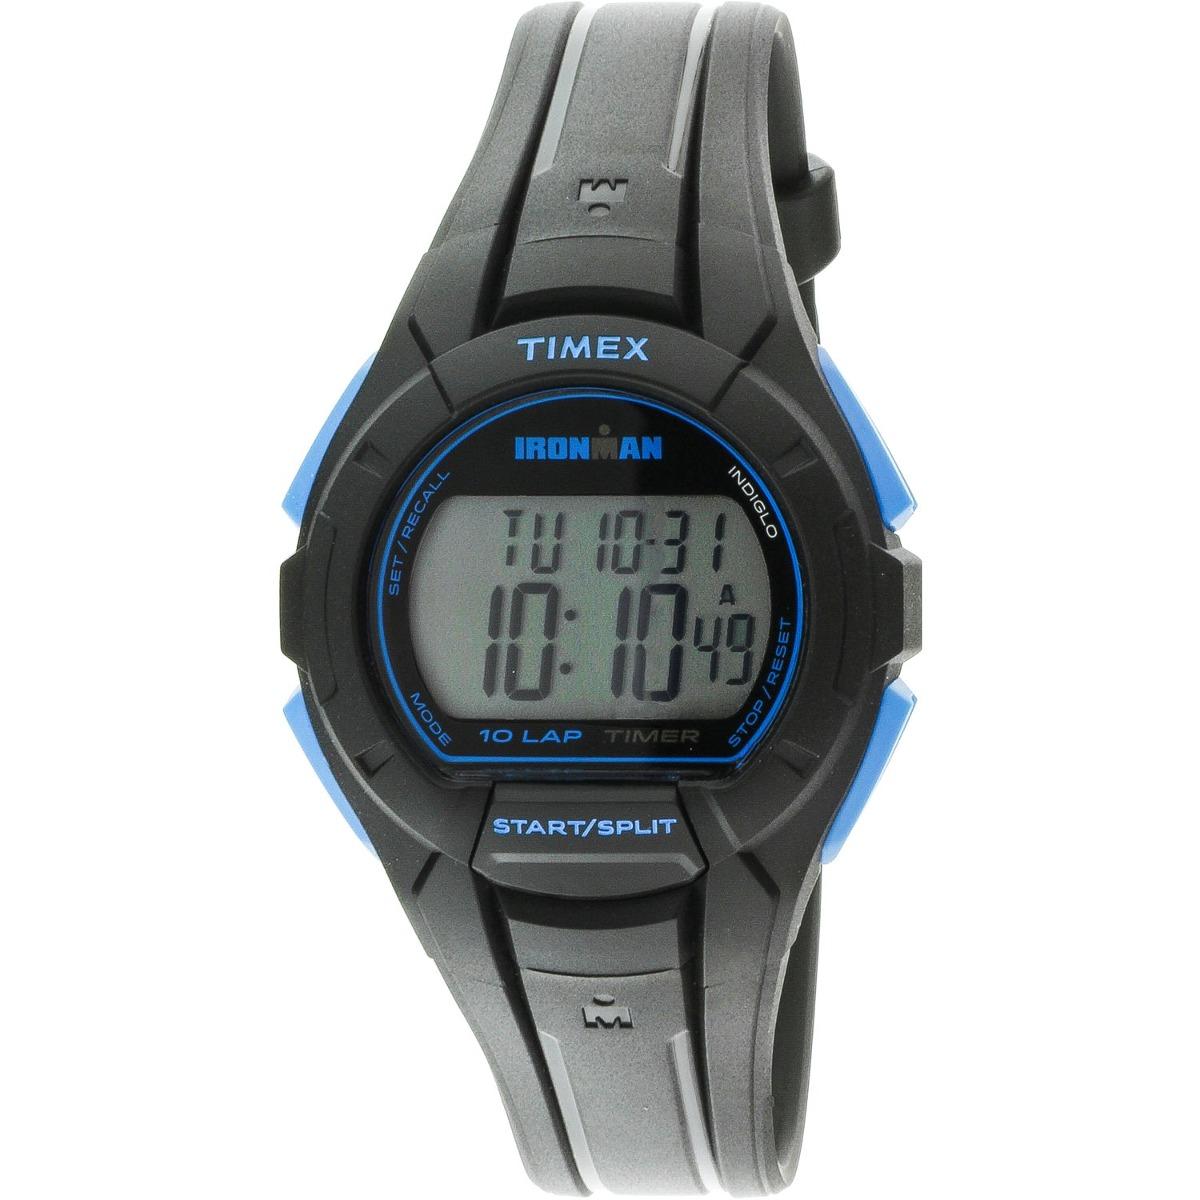 e7821759848a reloj timex para hombre tw5k93900 ironman deportivo negro. Cargando zoom.